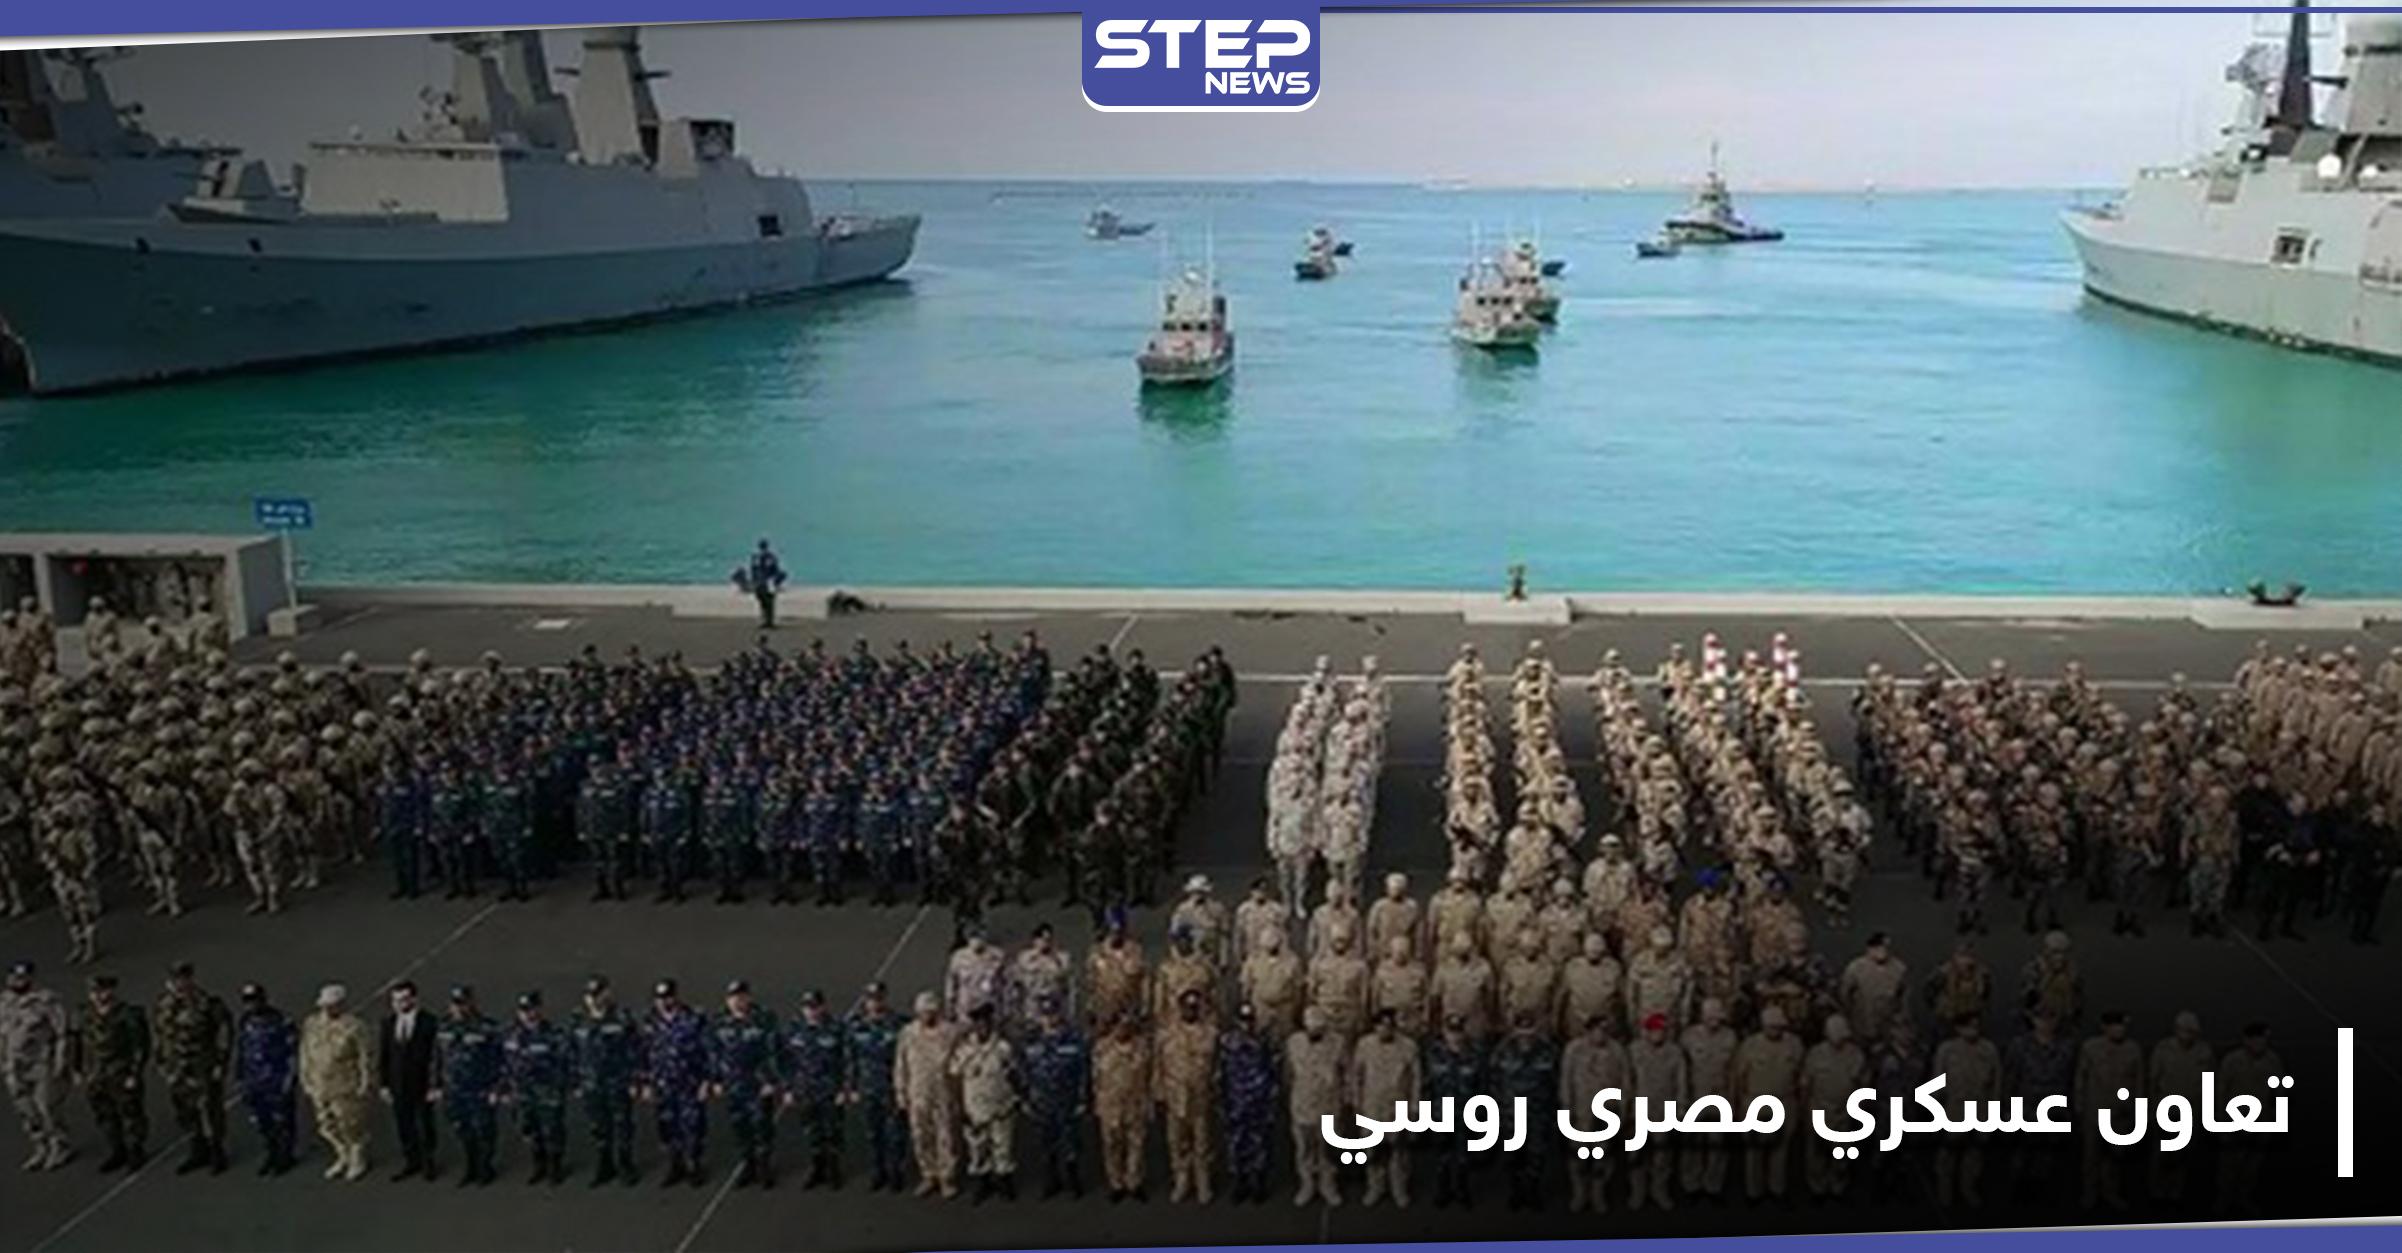 رسالة لتركيا.. لأول مرة تعاون عسكري مصري روسي في البحر الأسود